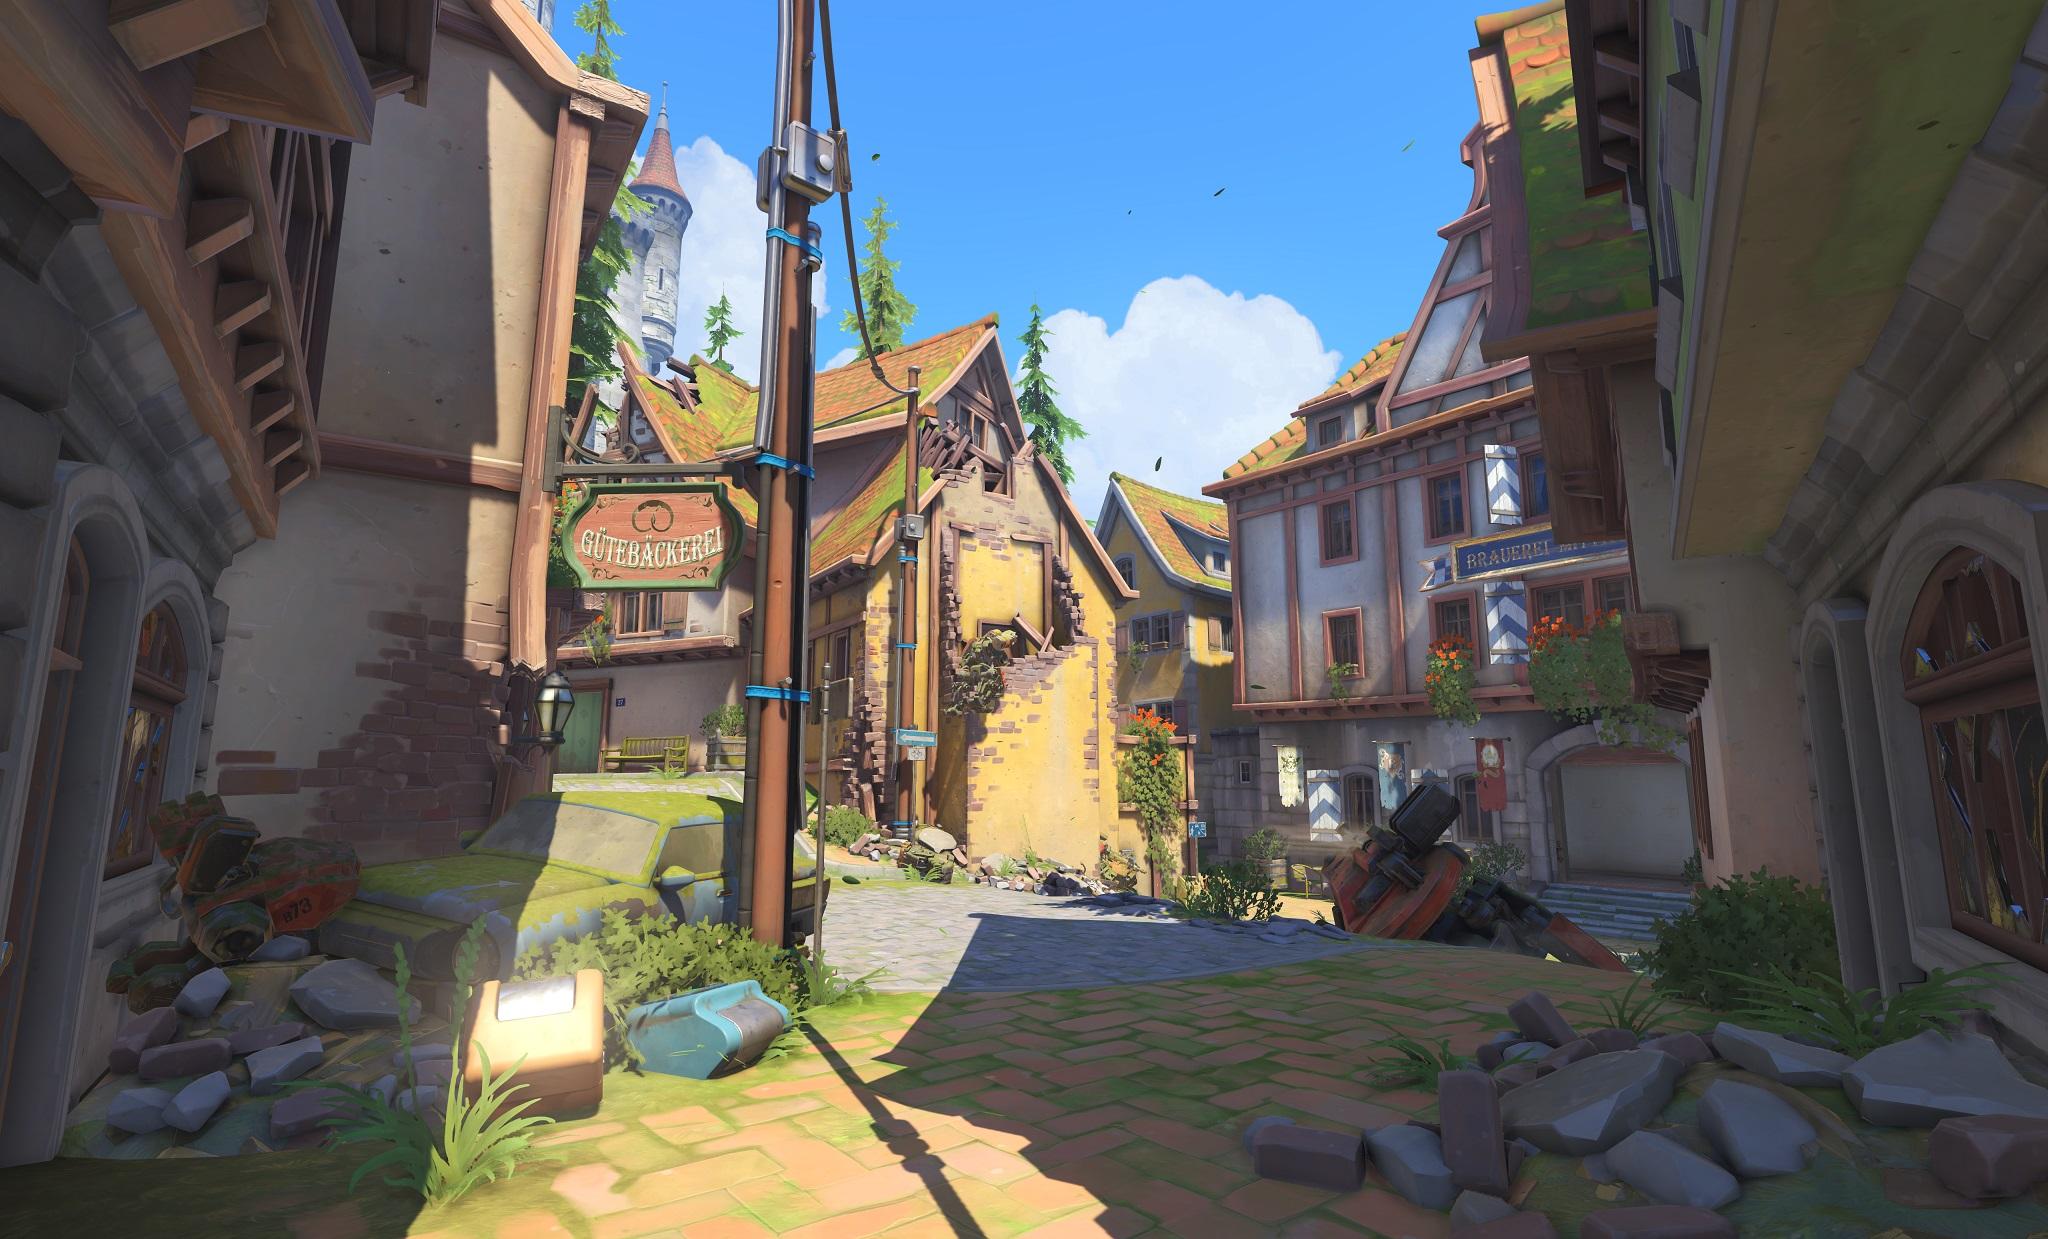 Nová mapa pro Overwatch nás zavede do hradu a přilehlého městečka v Německu 128660